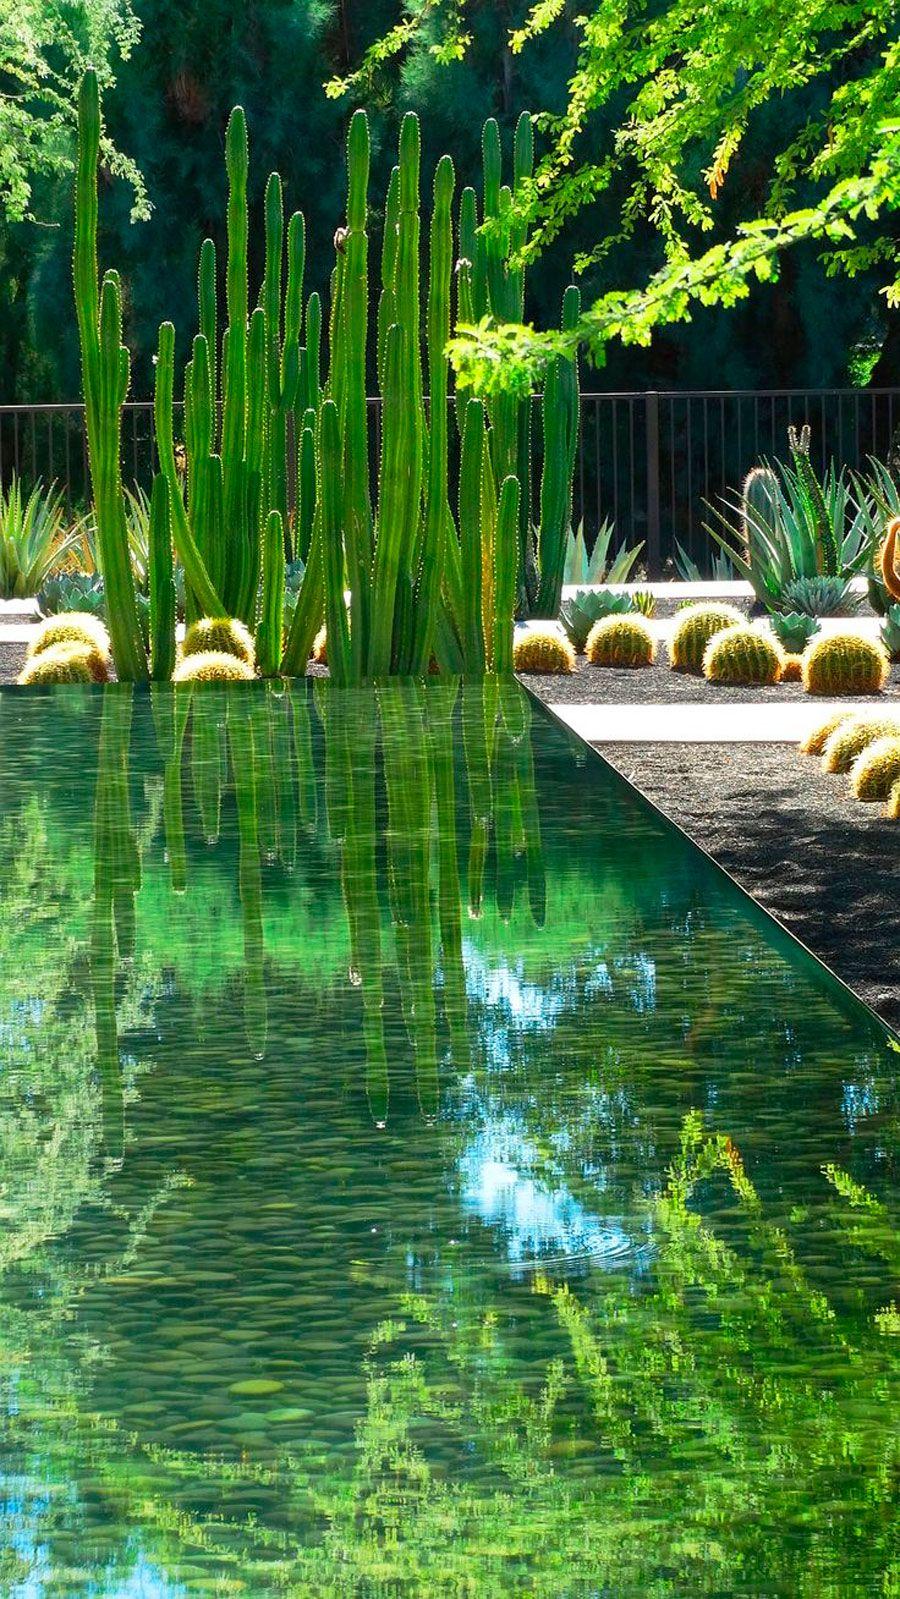 Construimos Sistemas De Tratamiento De Agua Residual Implantando Sobre Sustratos Específicos Especies Acuática Estanques De Jardín Jardines Diseño De Paisaje